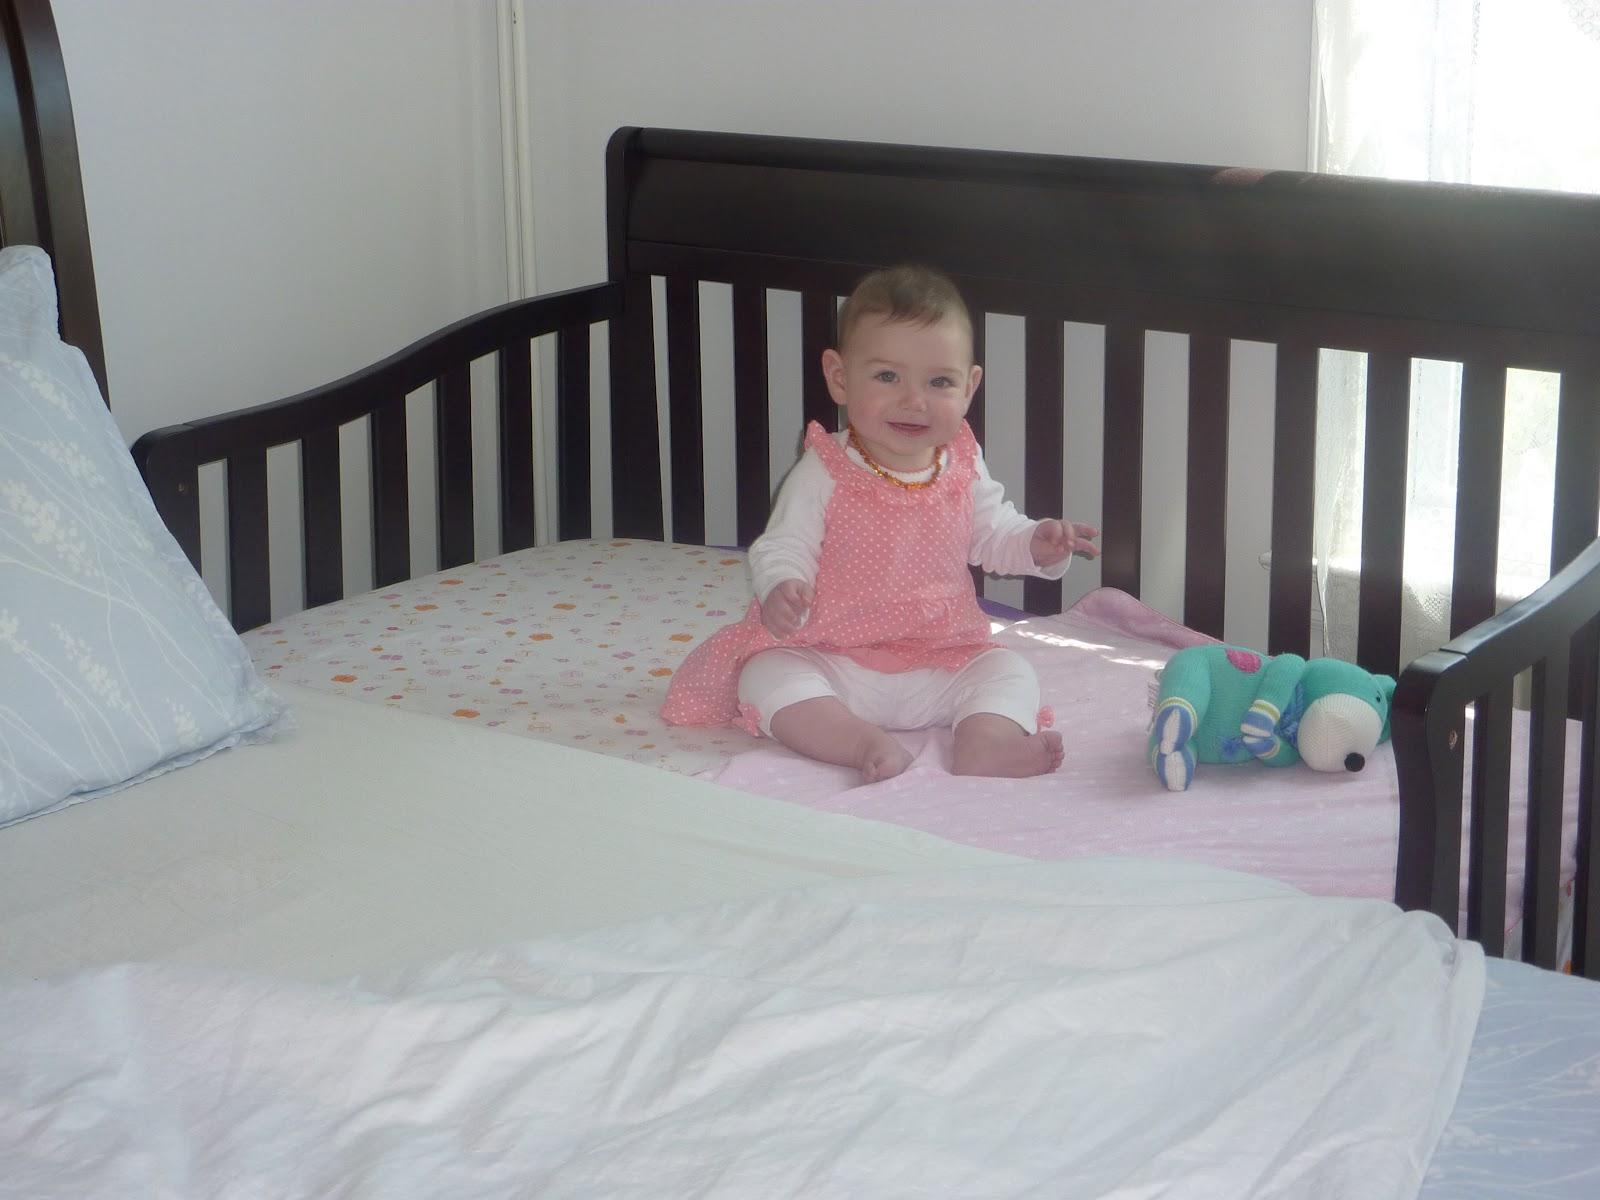 co sleeper babycenter. Black Bedroom Furniture Sets. Home Design Ideas